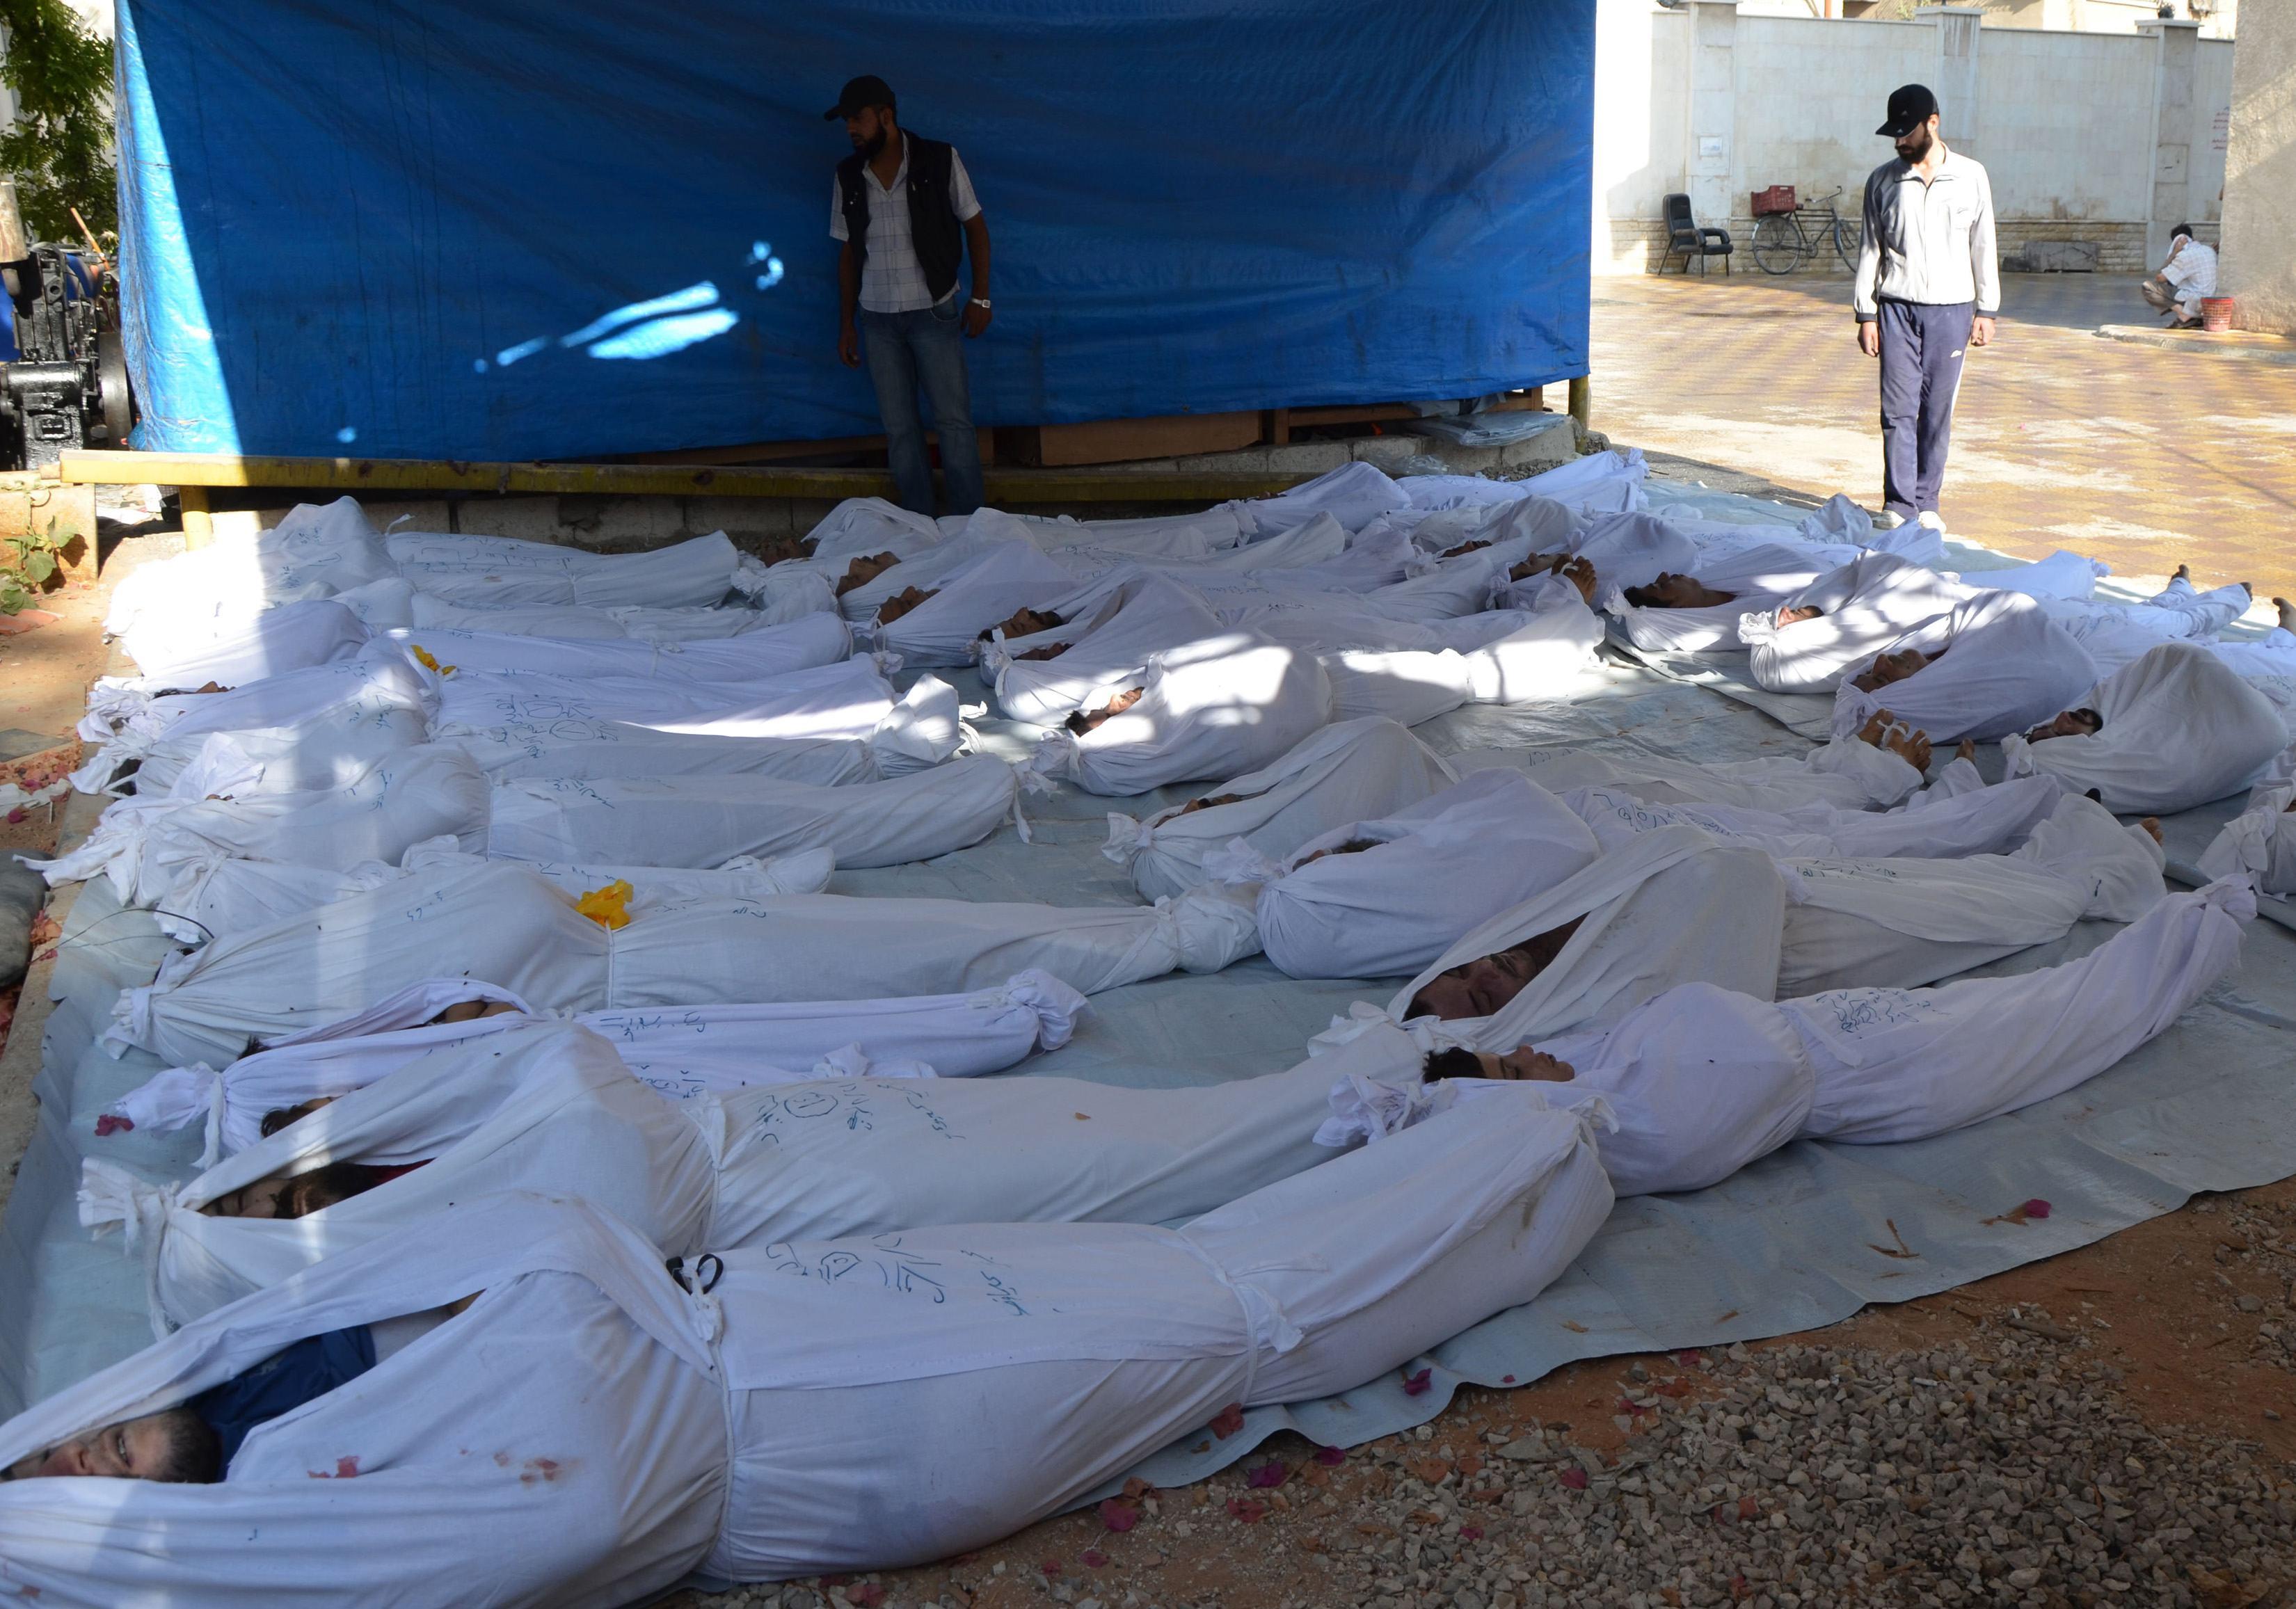 Furono i mercenari sostenuti dall'Occidente ad usare le armi chimiche a Ghouta nel 2013